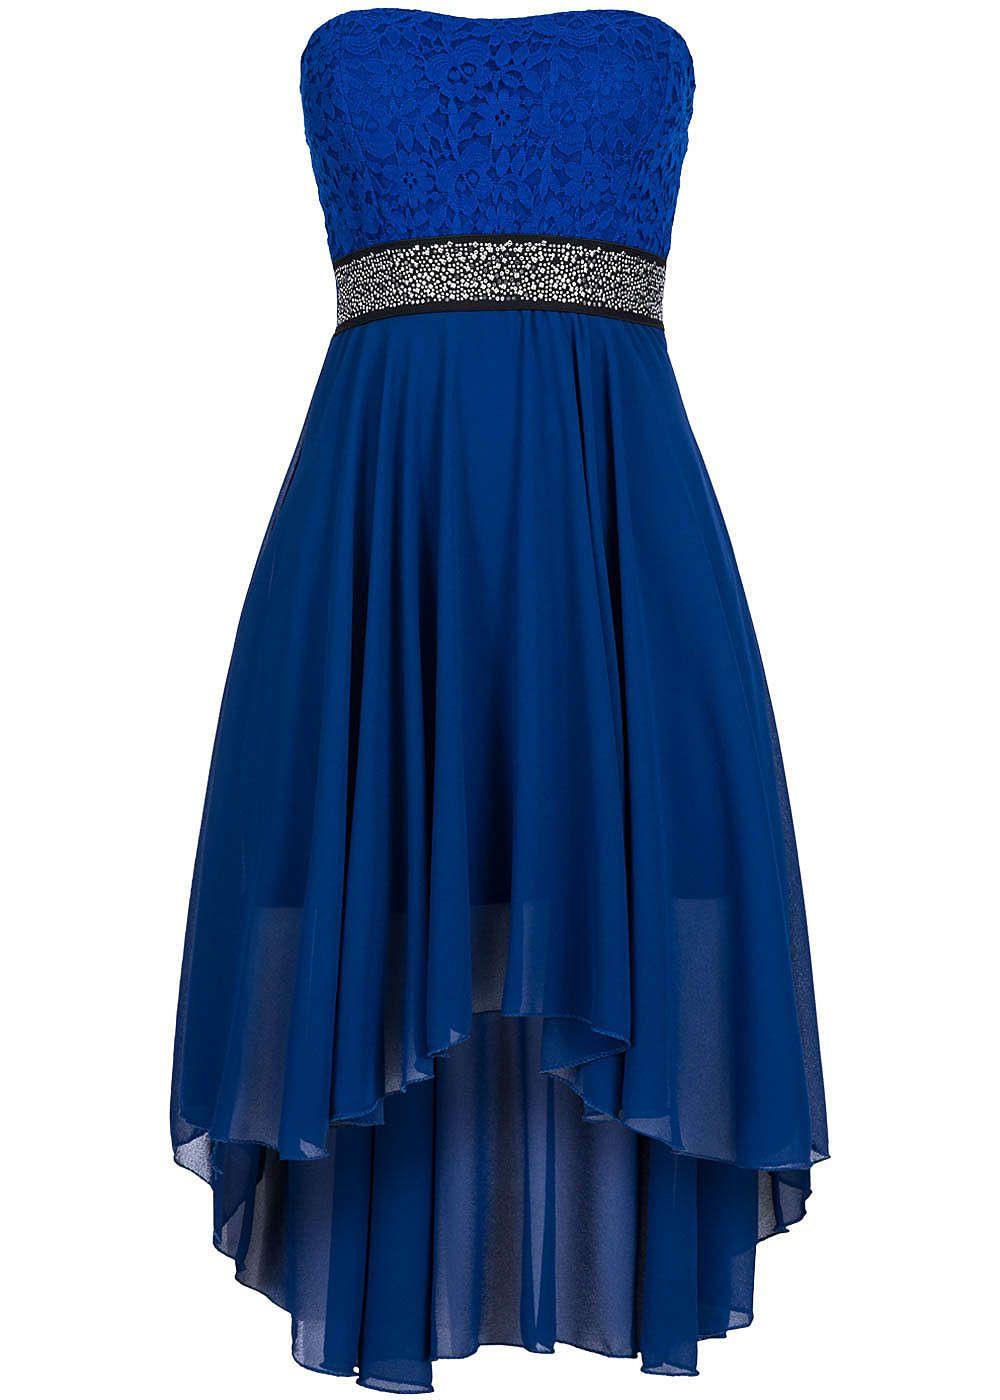 Designer Leicht Blaue Kleider Damen für 2019Designer Luxus Blaue Kleider Damen Vertrieb